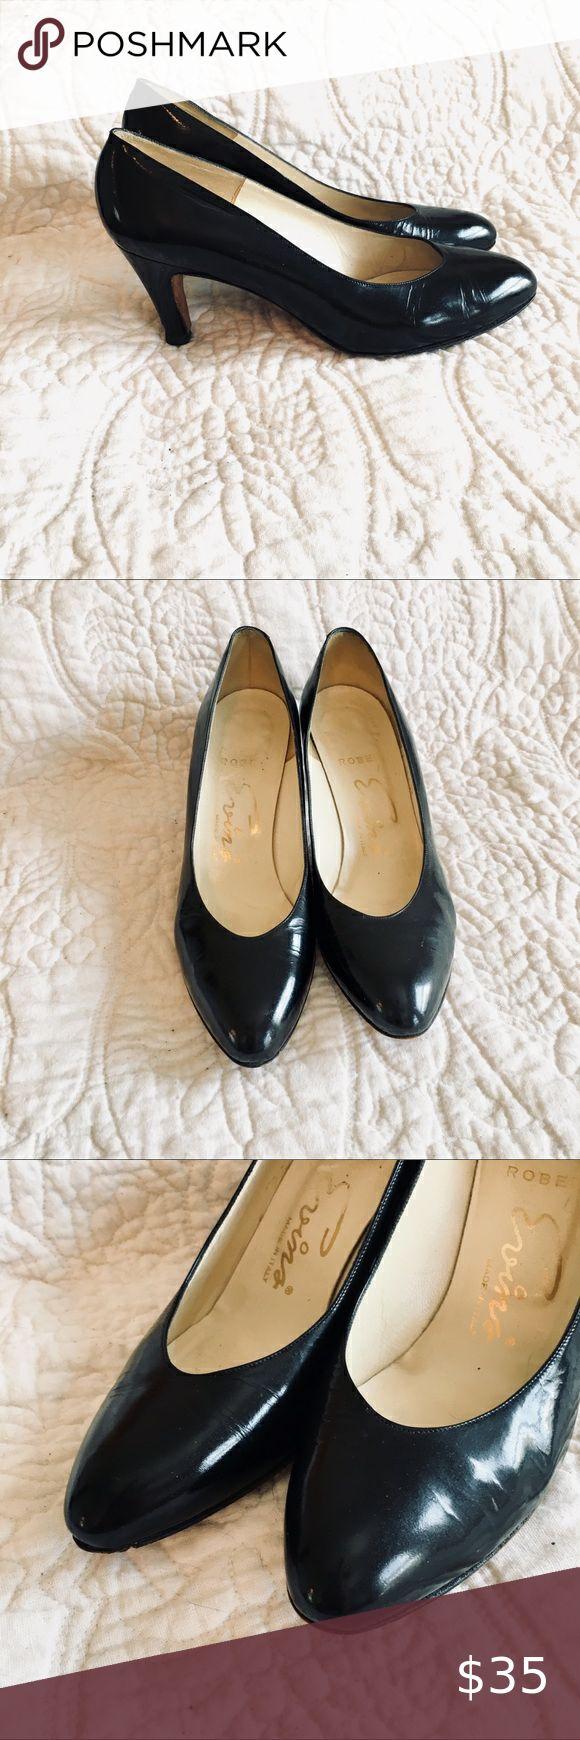 shoes, black pumps, high heels, gold details - Wheretoget